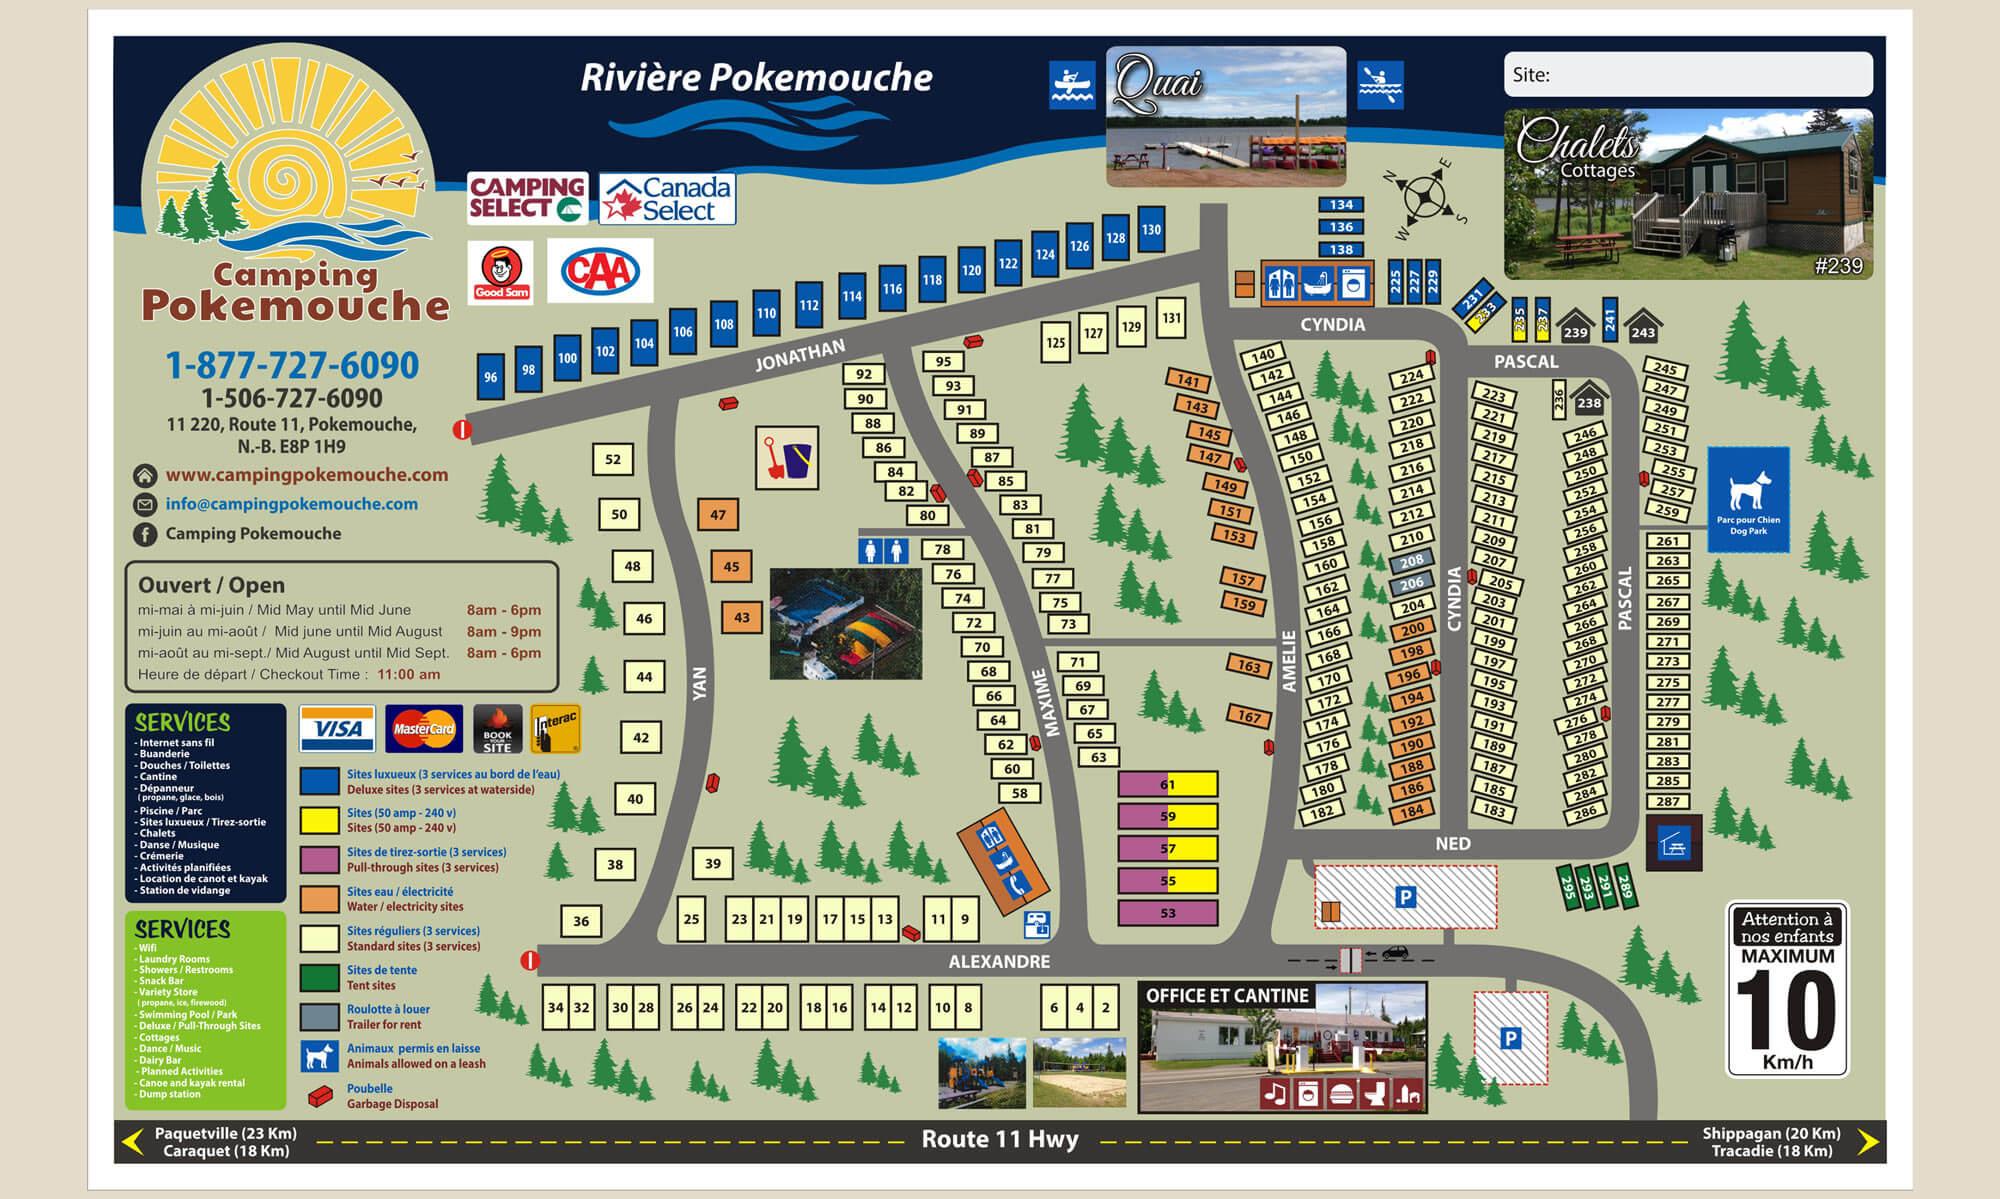 Camping pokemouche plan